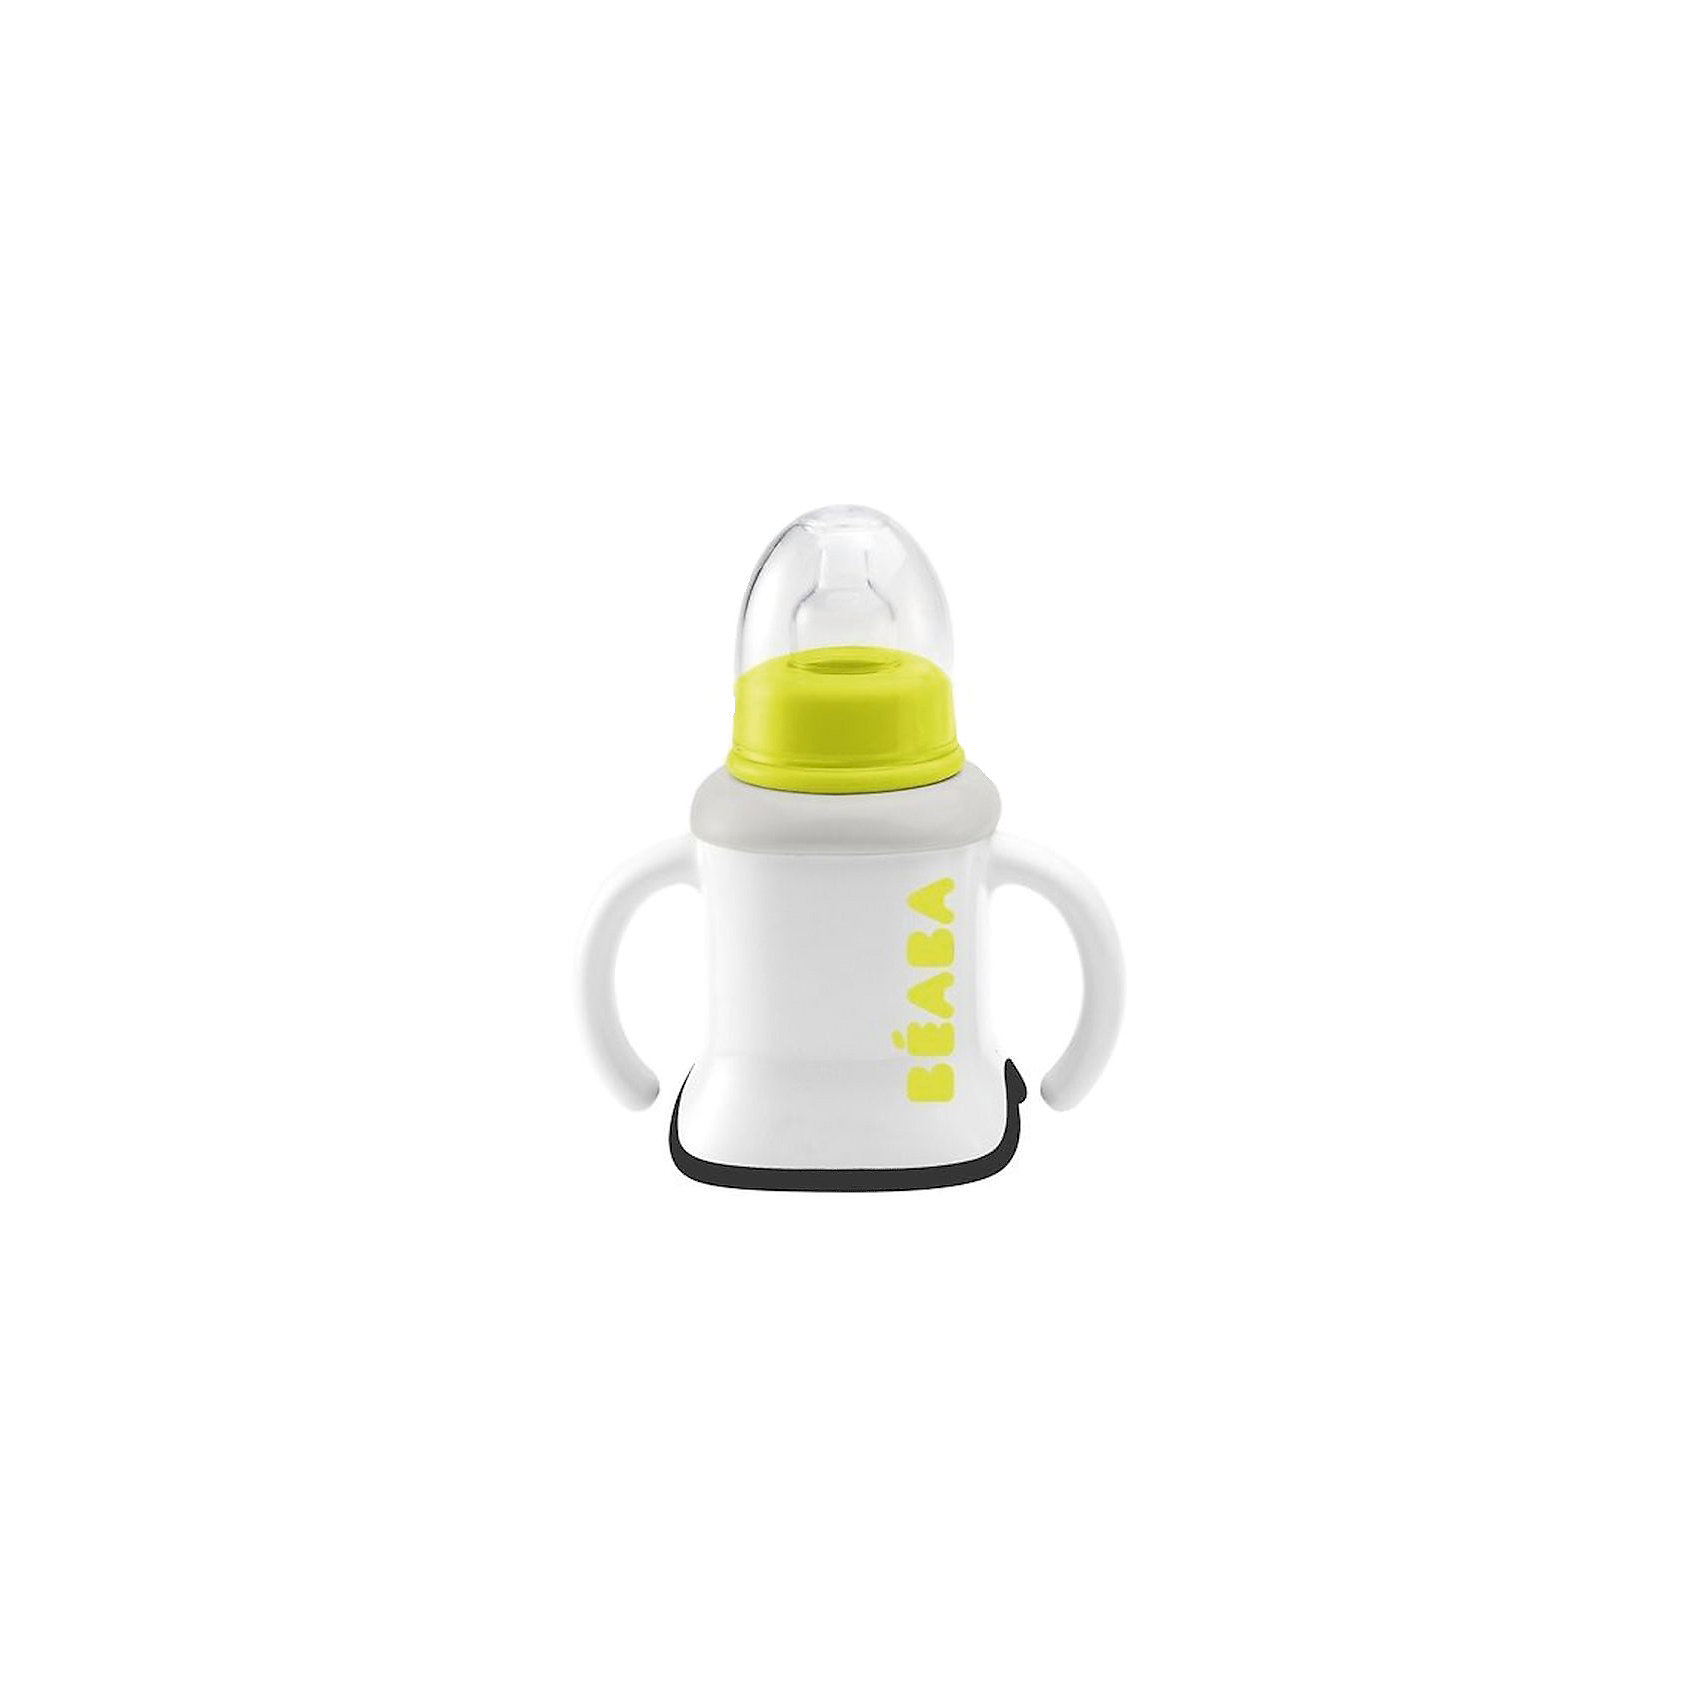 Поильник 3 в 1, 150 мл, Beaba, салатовыйДетский поильник Beaba 3в1 позволяет использовать его с соской-насадкой, насадкой для поильника или в качестве кружки с ручками. <br><br>Насадка с соской надевается на поильник, малыш может употреблять жидкую смесь или воду. Соска силиконовая, классической формы. <br><br>Облегчить переход от бутылочки к кружке поможет поильник. Полипропиленовый носик с отверстиями, через которые поступает сок или водичка. Насадка герметично закрывается, жидкость не проливается. <br><br>Кружка используется для самостоятельного питья малышом, как из взрослой чашки. Двойные ручки помогают крепче удерживать чашку, симметрично располагают чашку в обеих ручках малыша. <br><br>Дополнительная информация:<br><br>- нескользящая насадка на дне поильника Beaba;<br>- плавный переход от бутылочки к чашке;<br>- поильник-дозатор;<br>- эргономичные ручки.<br><br>Объем: 150 мл<br><br>Материал: полипропилен, силикон, пластик<br><br>Поильник Beaba можно мыть в посудомоечной машине. <br><br>Поильник 3 в 1, 150 мл, Beaba, салатовый можно купить в нашем интернет-магазине.<br><br>Ширина мм: 126<br>Глубина мм: 100<br>Высота мм: 155<br>Вес г: 120<br>Возраст от месяцев: 6<br>Возраст до месяцев: 18<br>Пол: Мужской<br>Возраст: Детский<br>SKU: 5045107